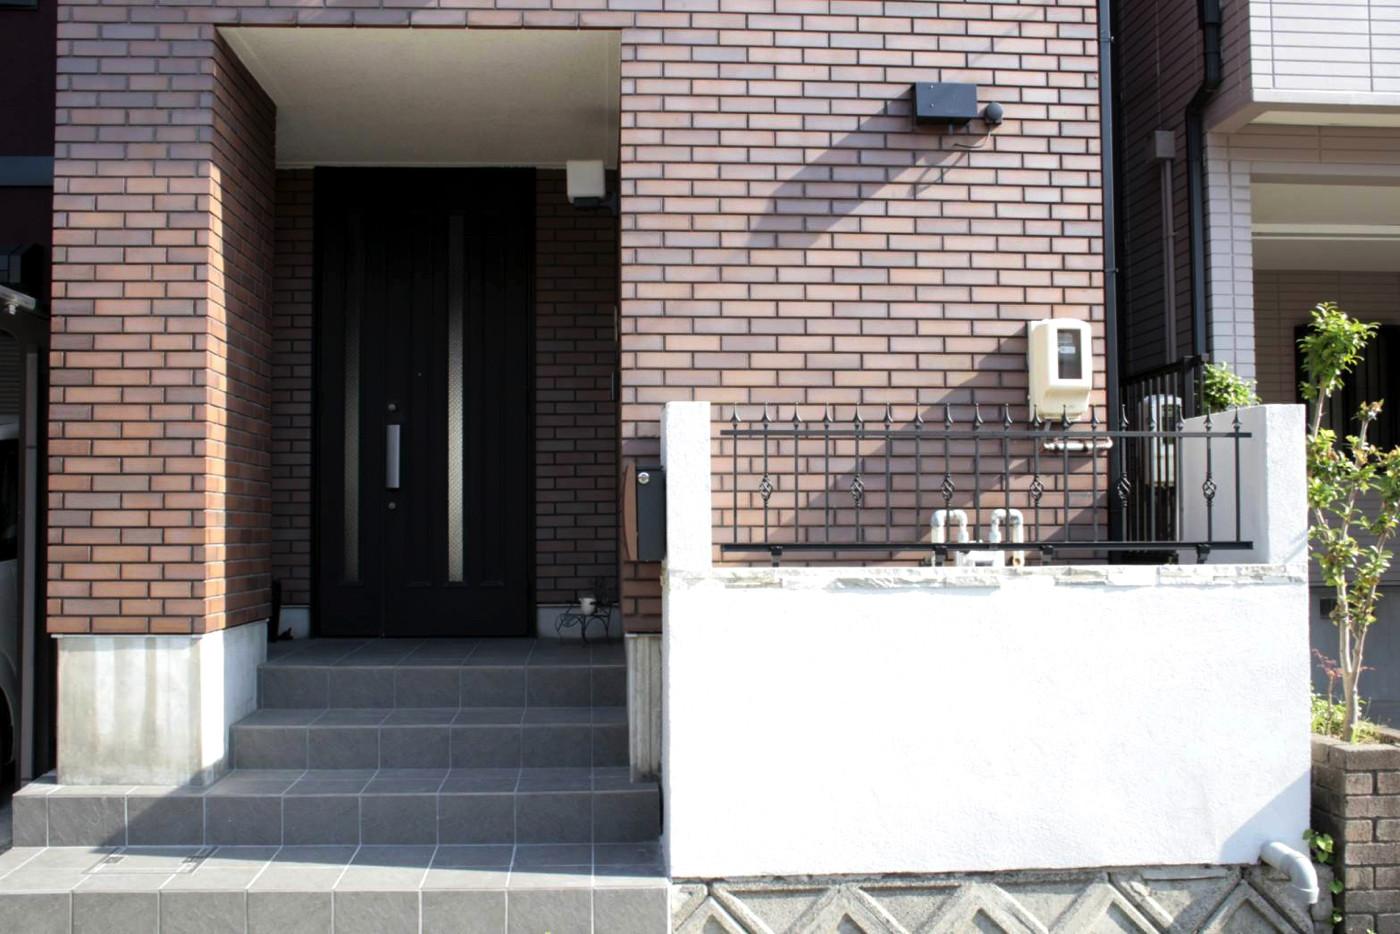 愛知県 SHIN Living union|株式会社 伸興業 グランドアートウォール施工イメージ2955_04